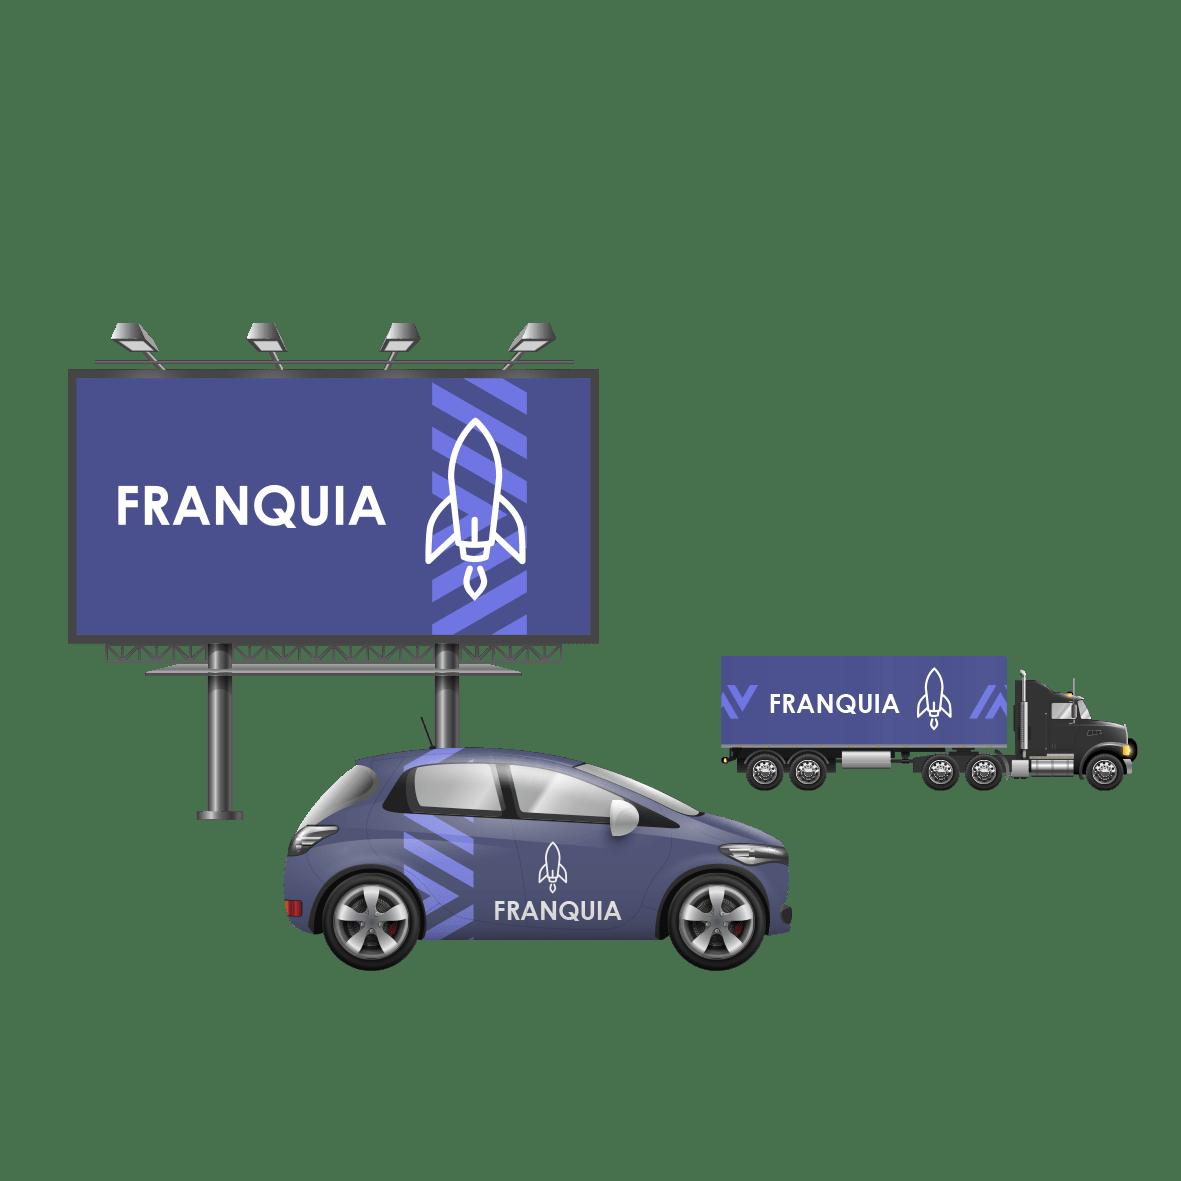 HOIF Aceleradora de Franquias Franqueador Franquia Franquear Formatação Consultoria Franchising Expansão Negócios